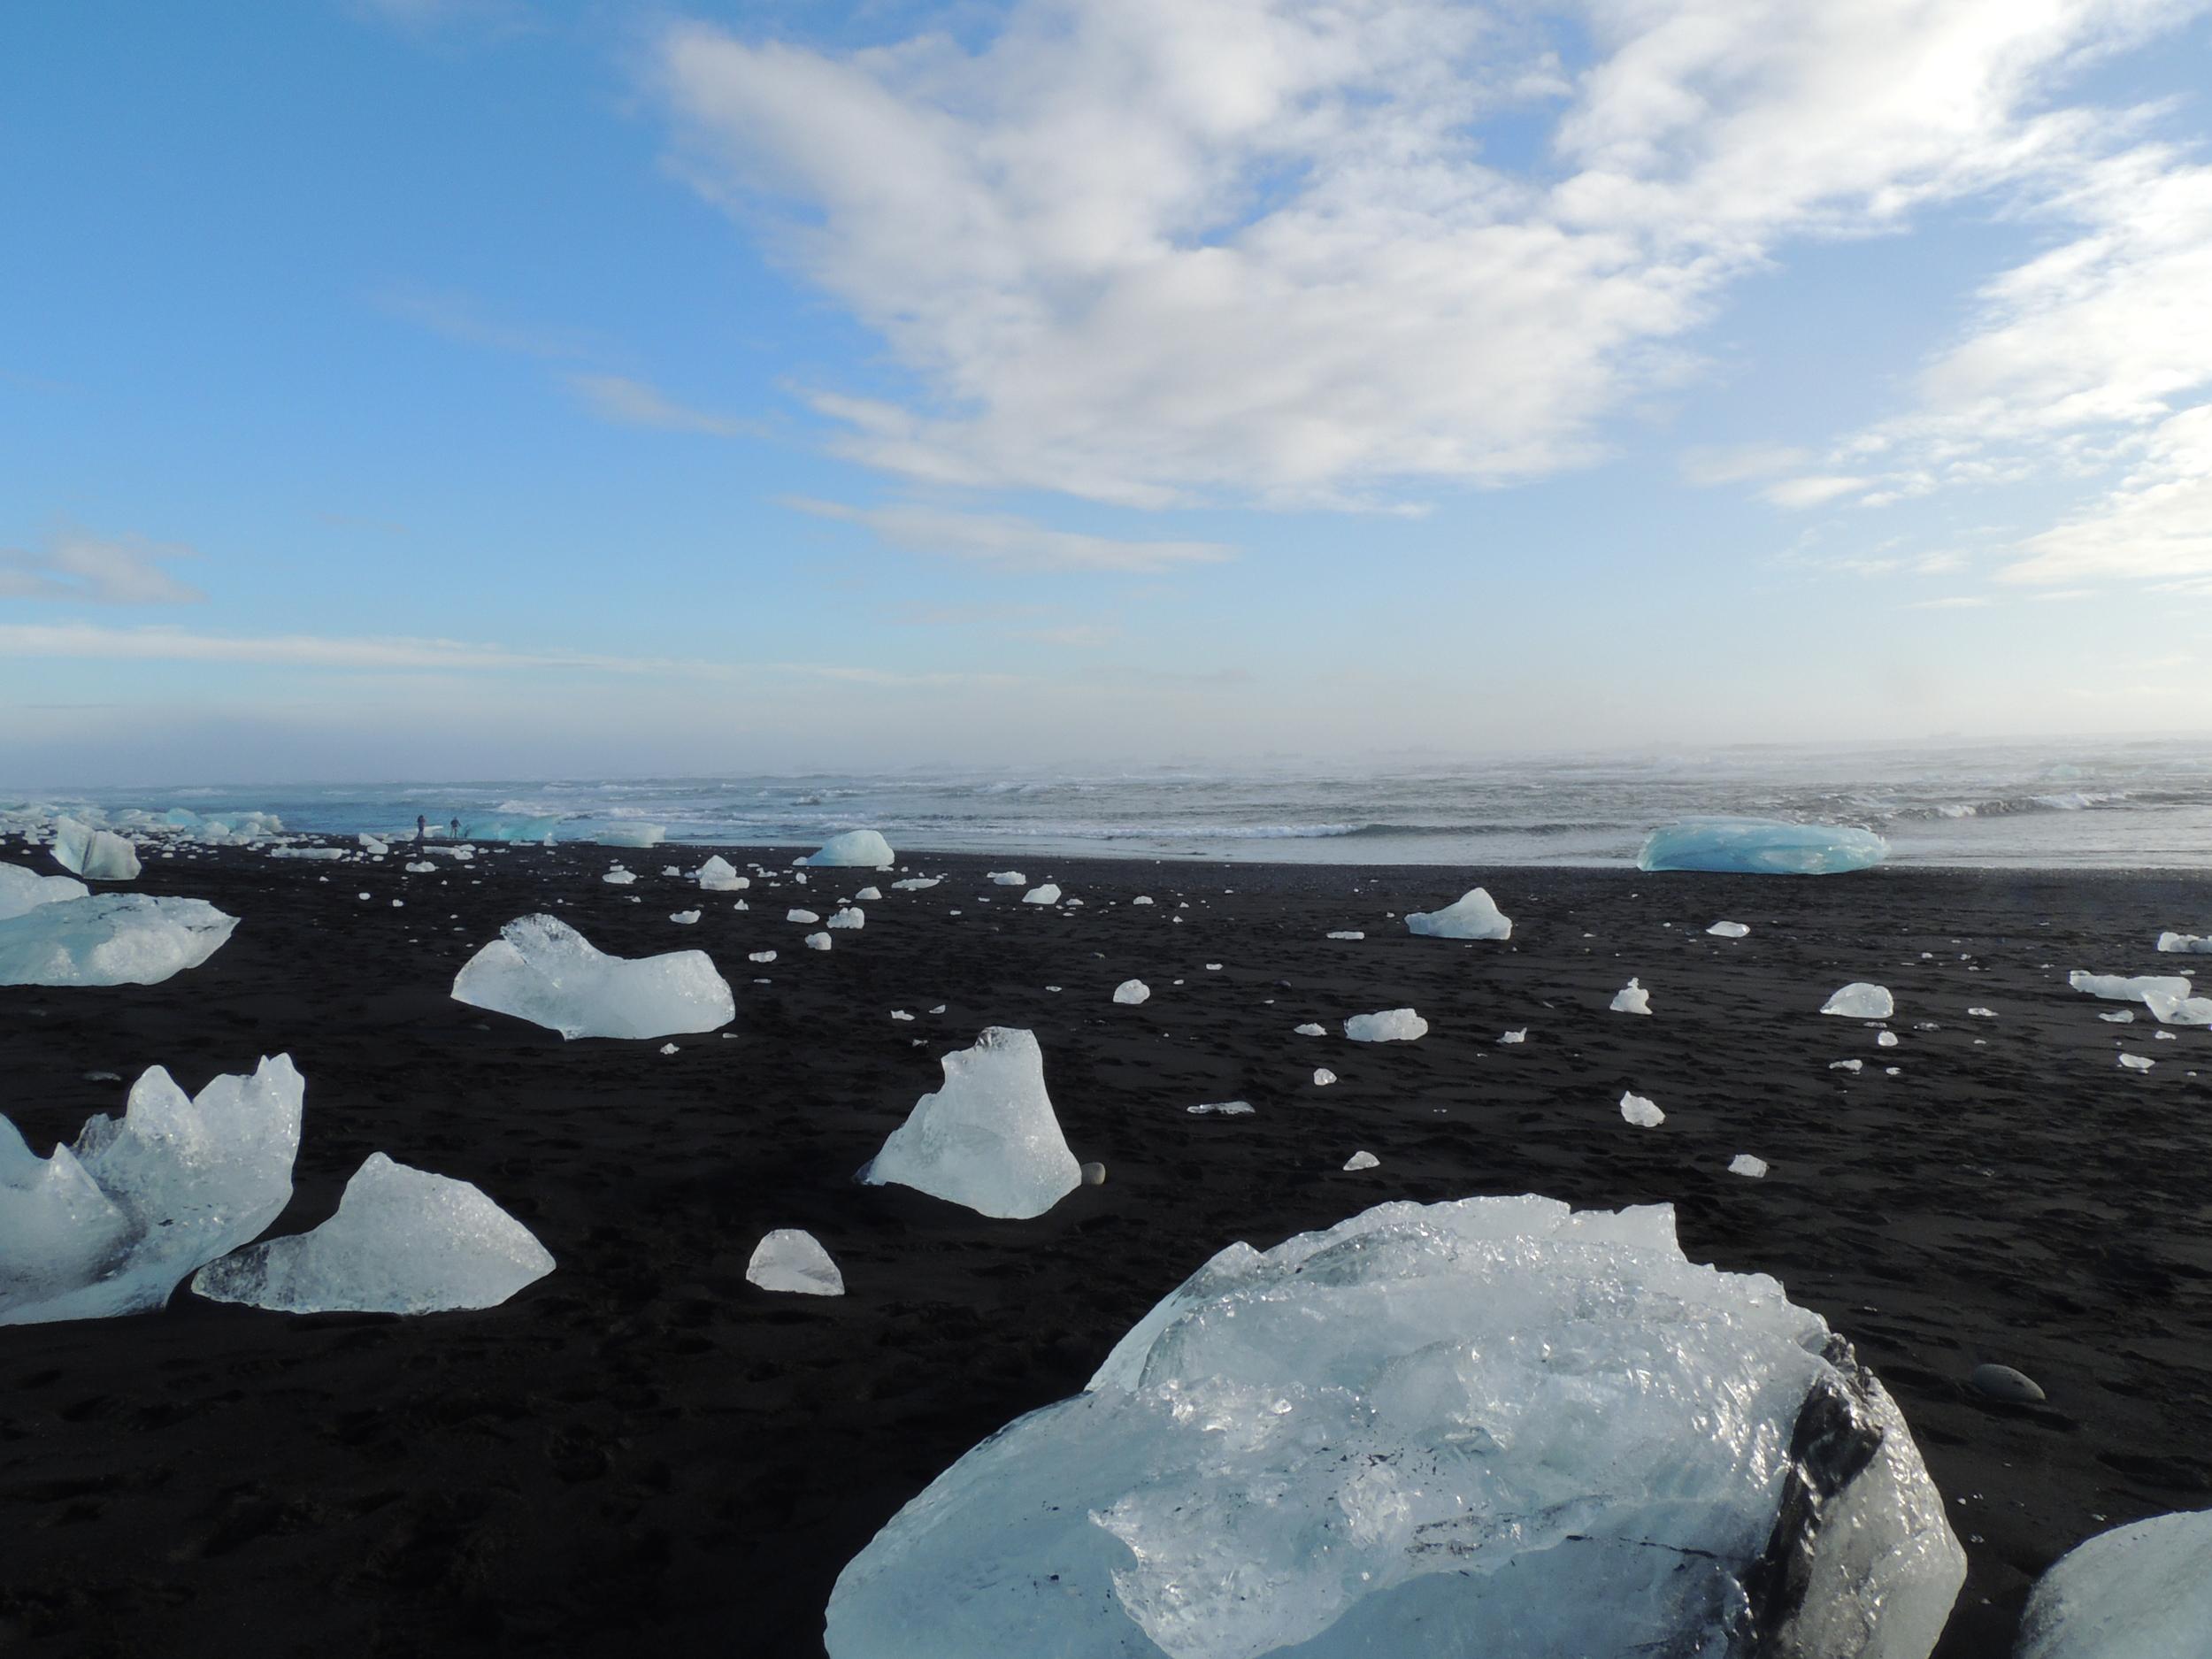 ilovethistoday-iceland-icebergs1